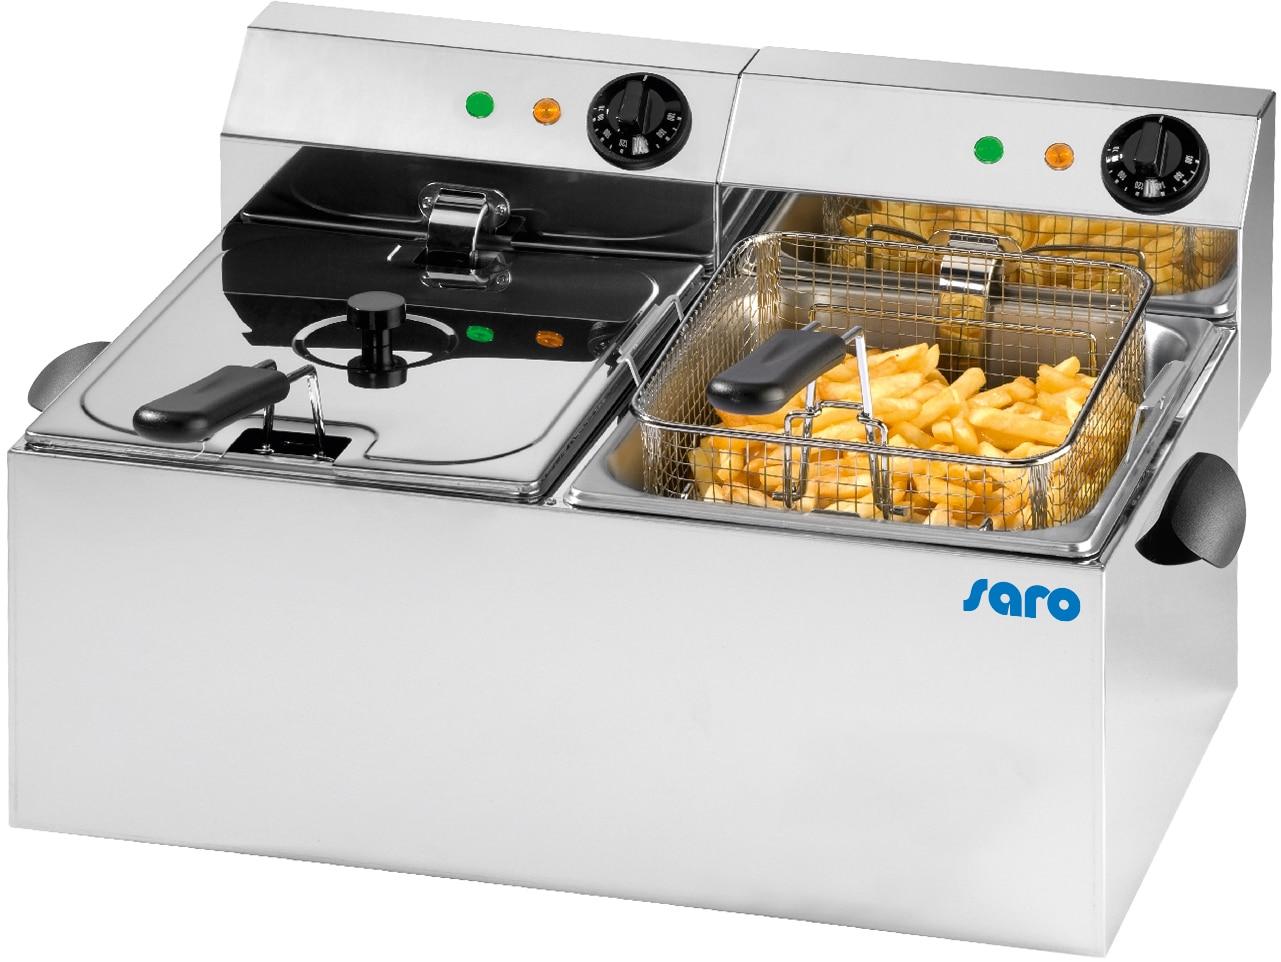 Elektrofritteusen von Saro Gastro-Products - Goldrichtig in der Großverpflegung